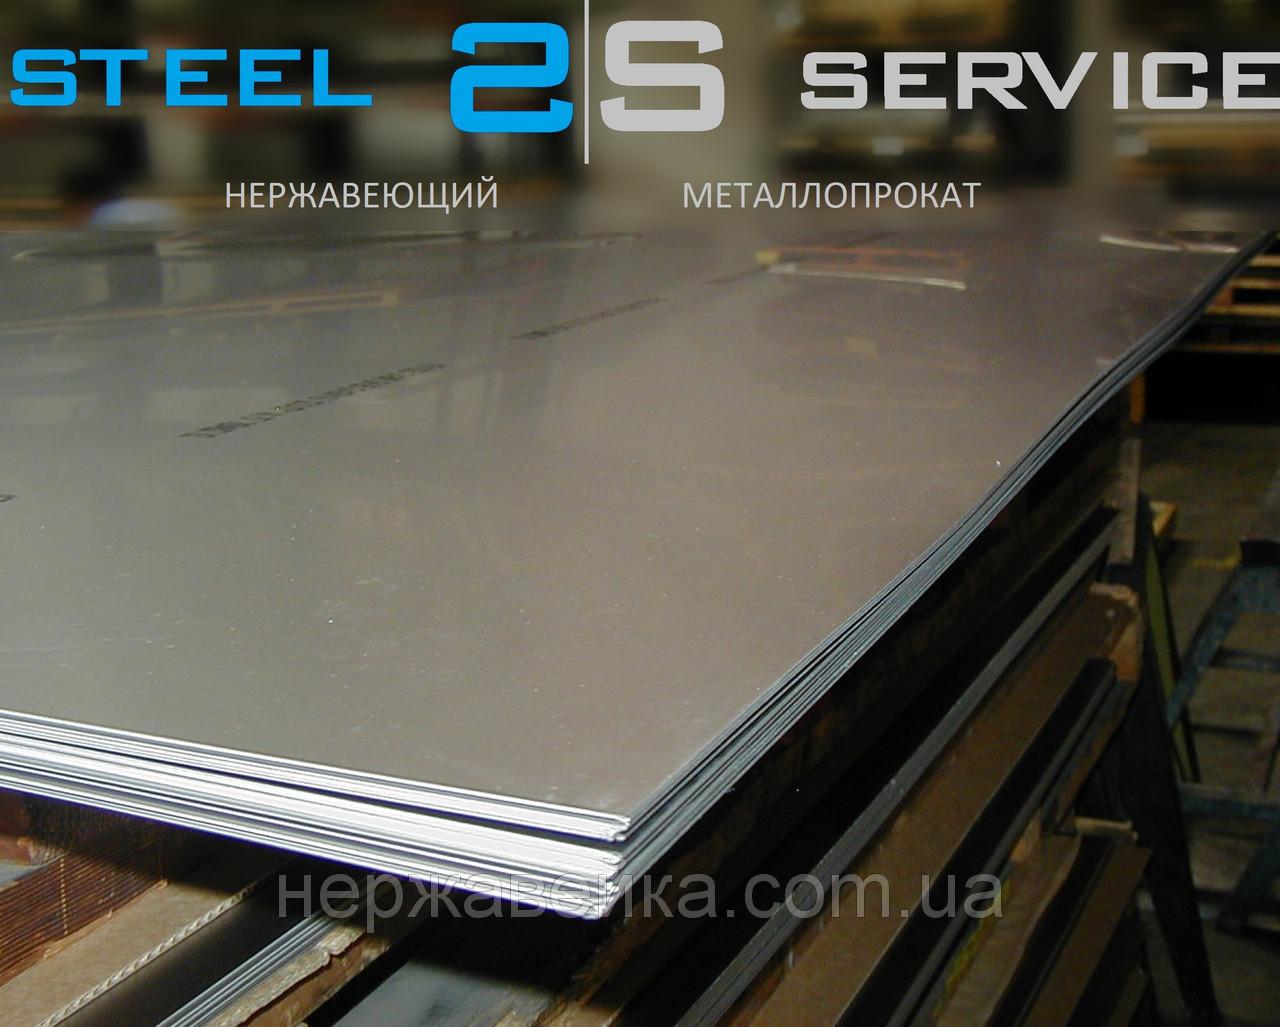 Нержавеющий лист 1х1250х2500мм  AISI 321(08Х18Н10Т) 2B - матовый,  пищевой